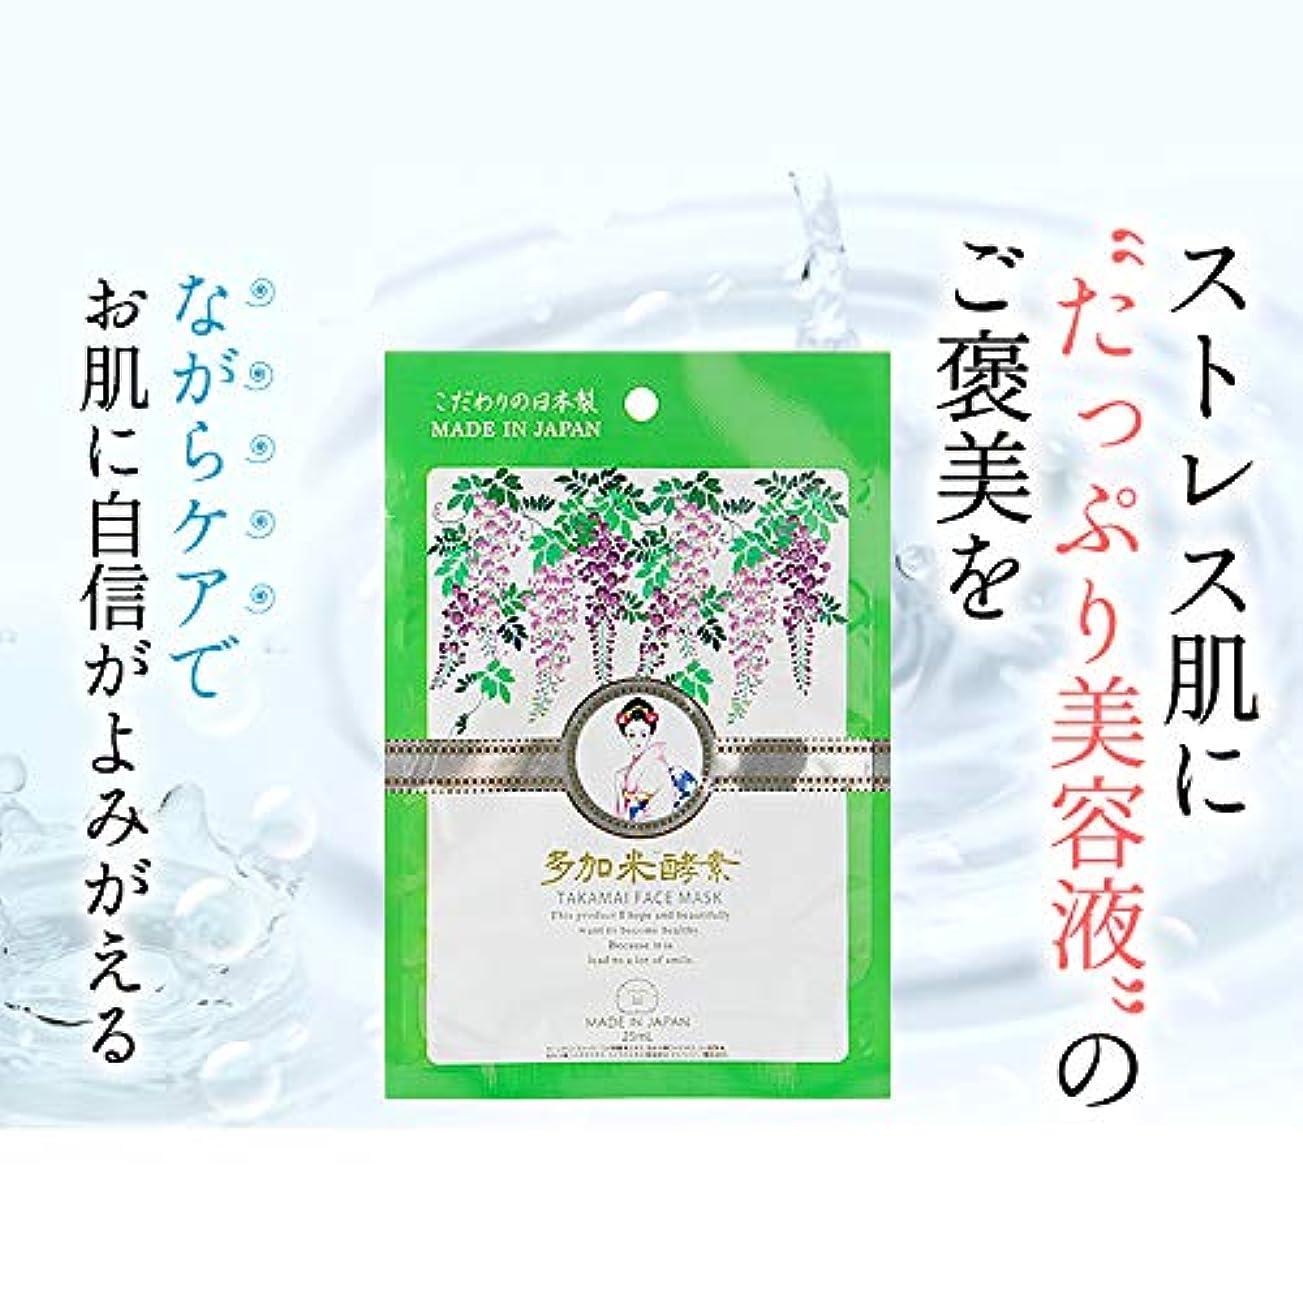 アイスクリーム提供数字多加米酵素フェイスマスク シートマスク フェイスマスク 保湿マスク 美容液 25ml 10枚セット